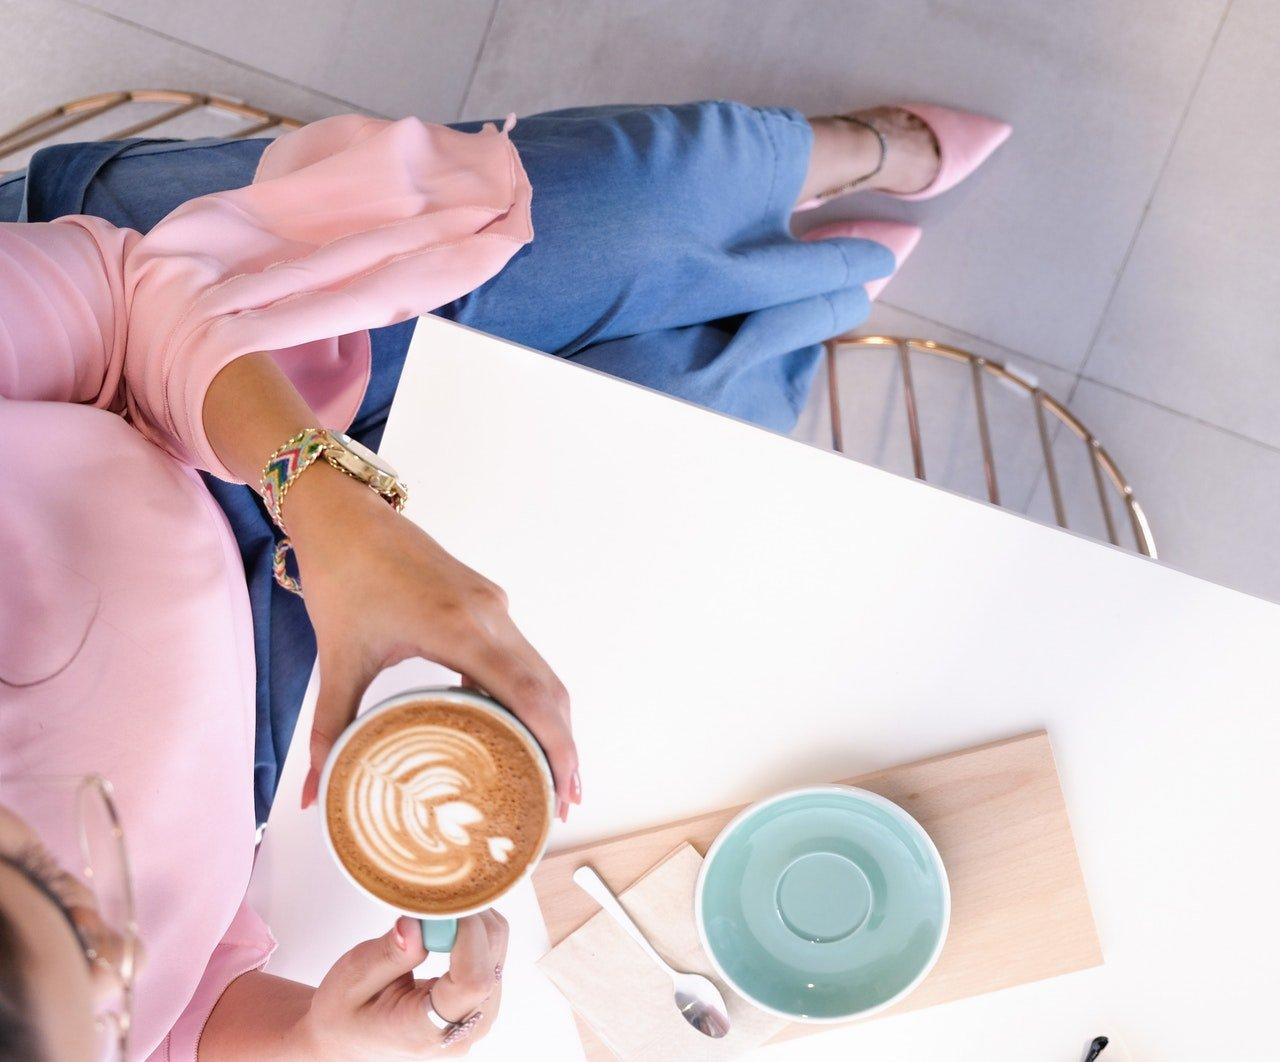 beverage-cafe-caffeine-1260599